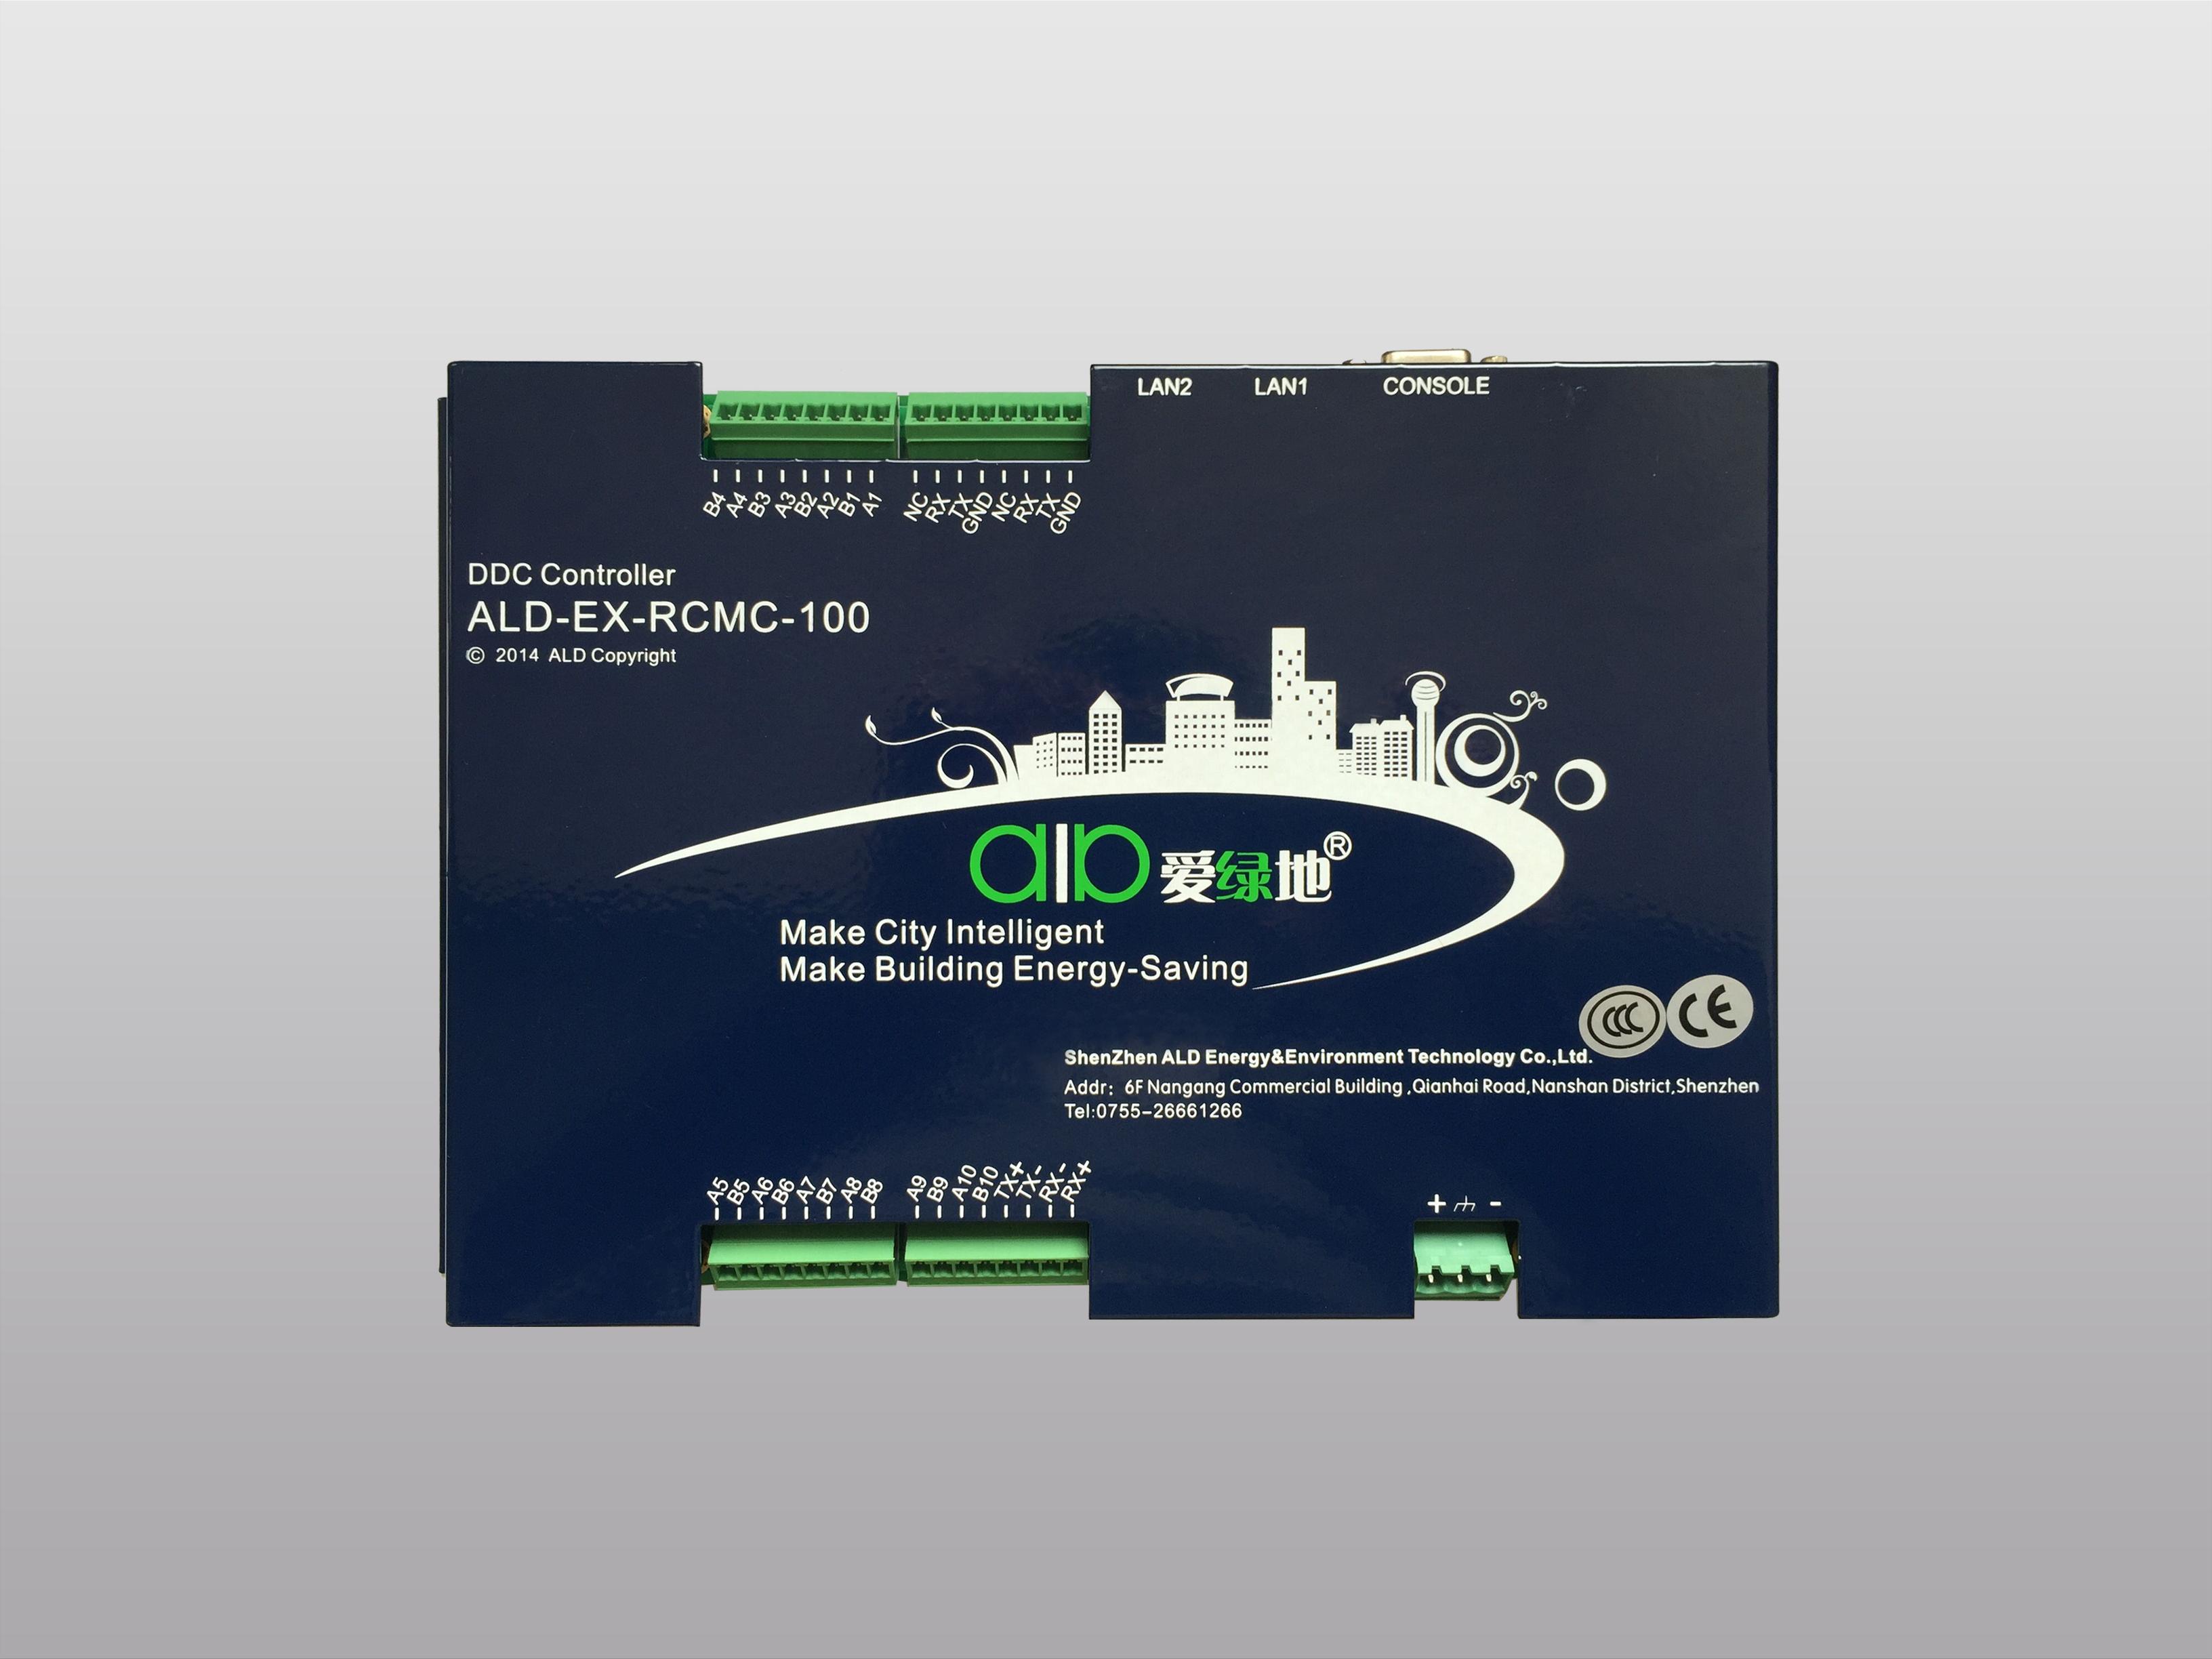 节能产品DDC 控制器